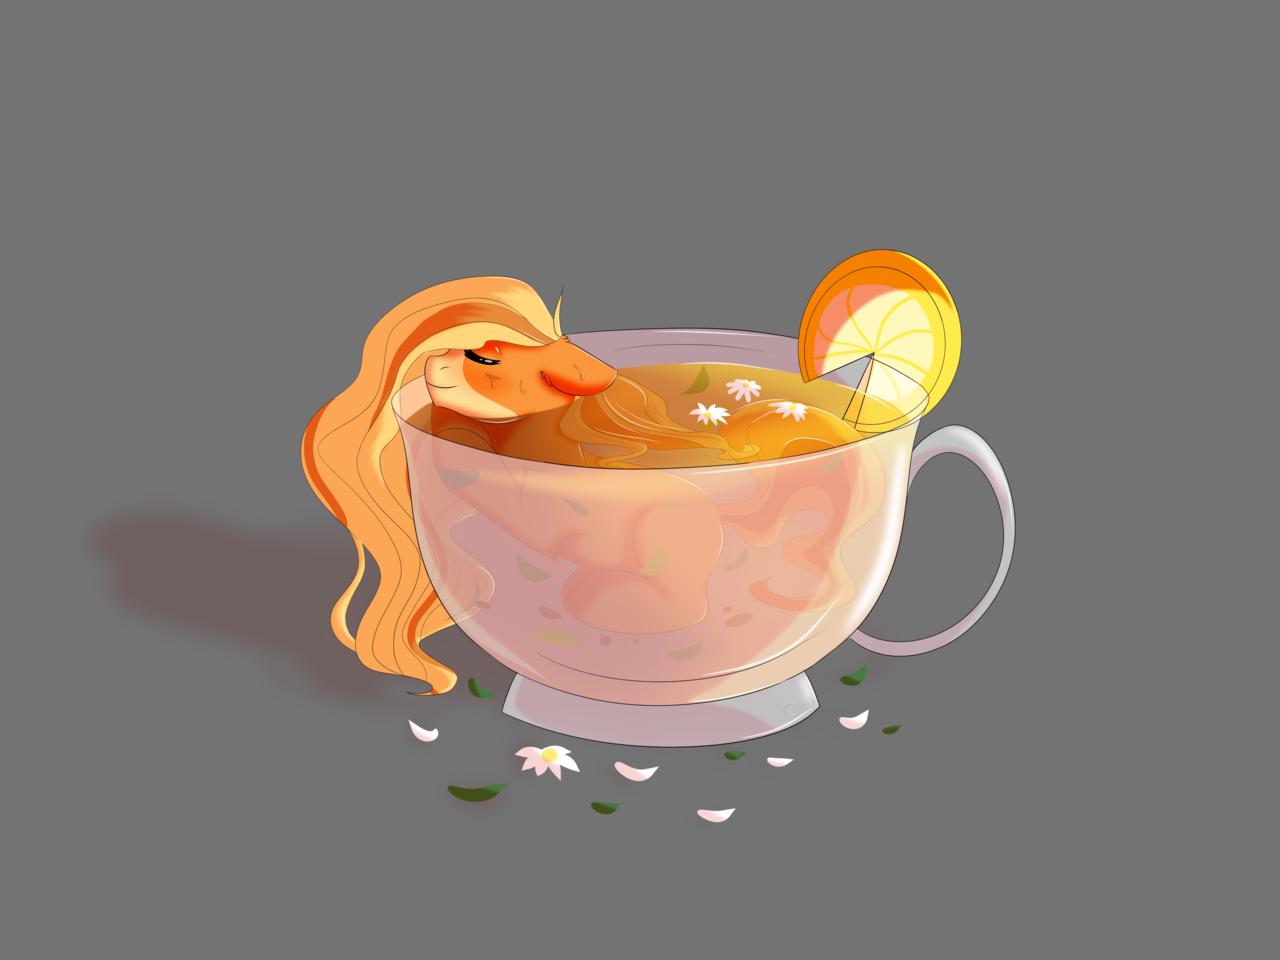 https://derpibooru.org/1643105?q=tea